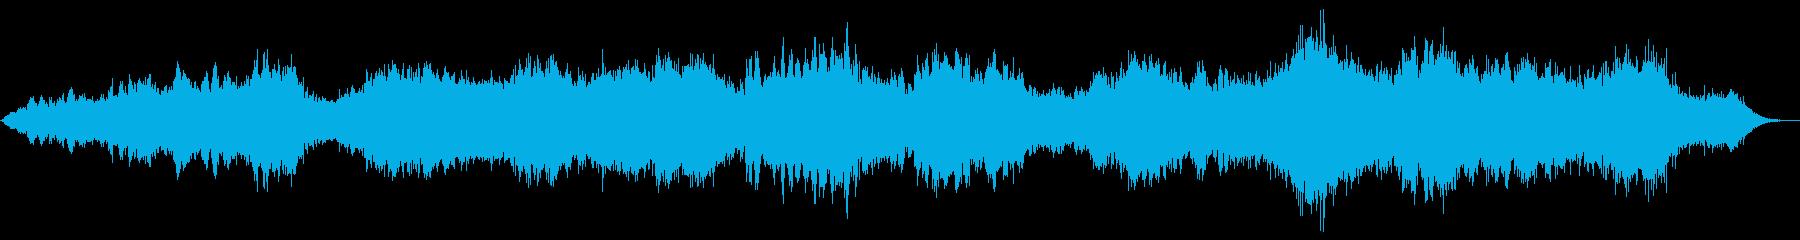 暗い、進化するサウンドスケープで、...の再生済みの波形